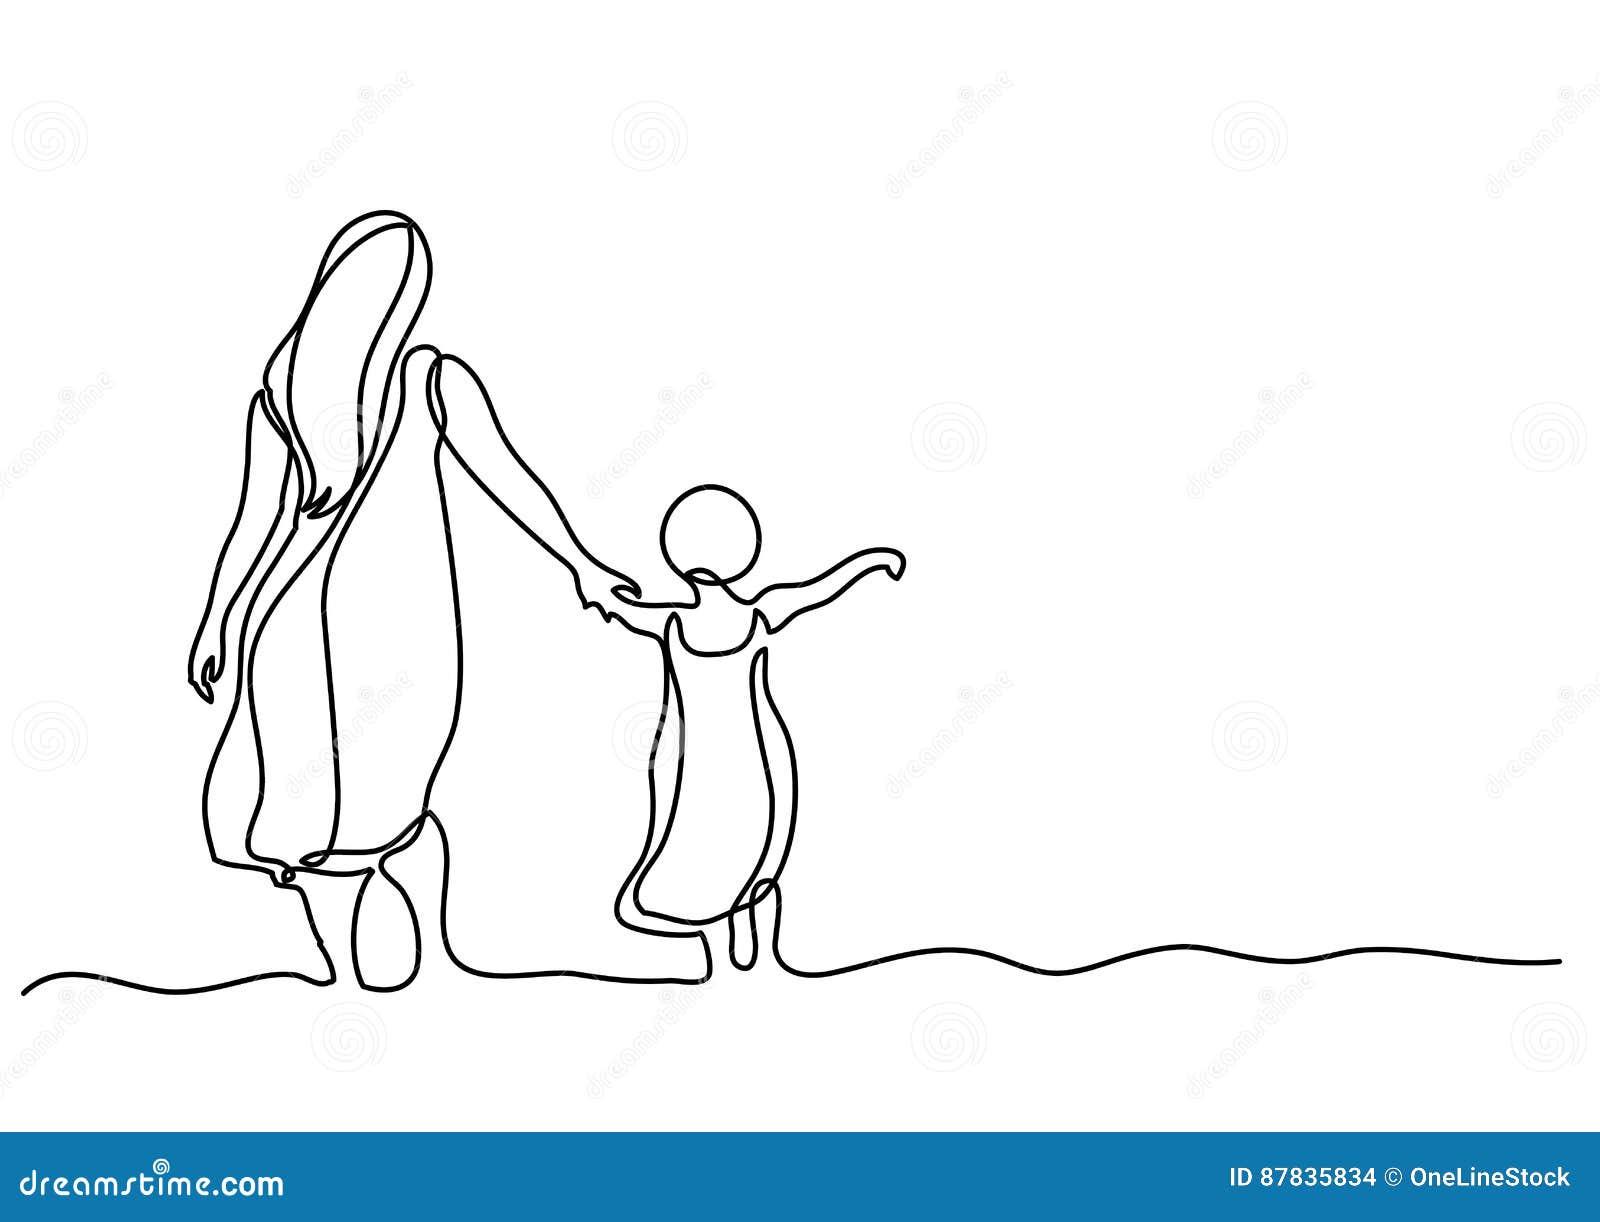 Ciągły kreskowy rysunek matka i dziecko w morzu